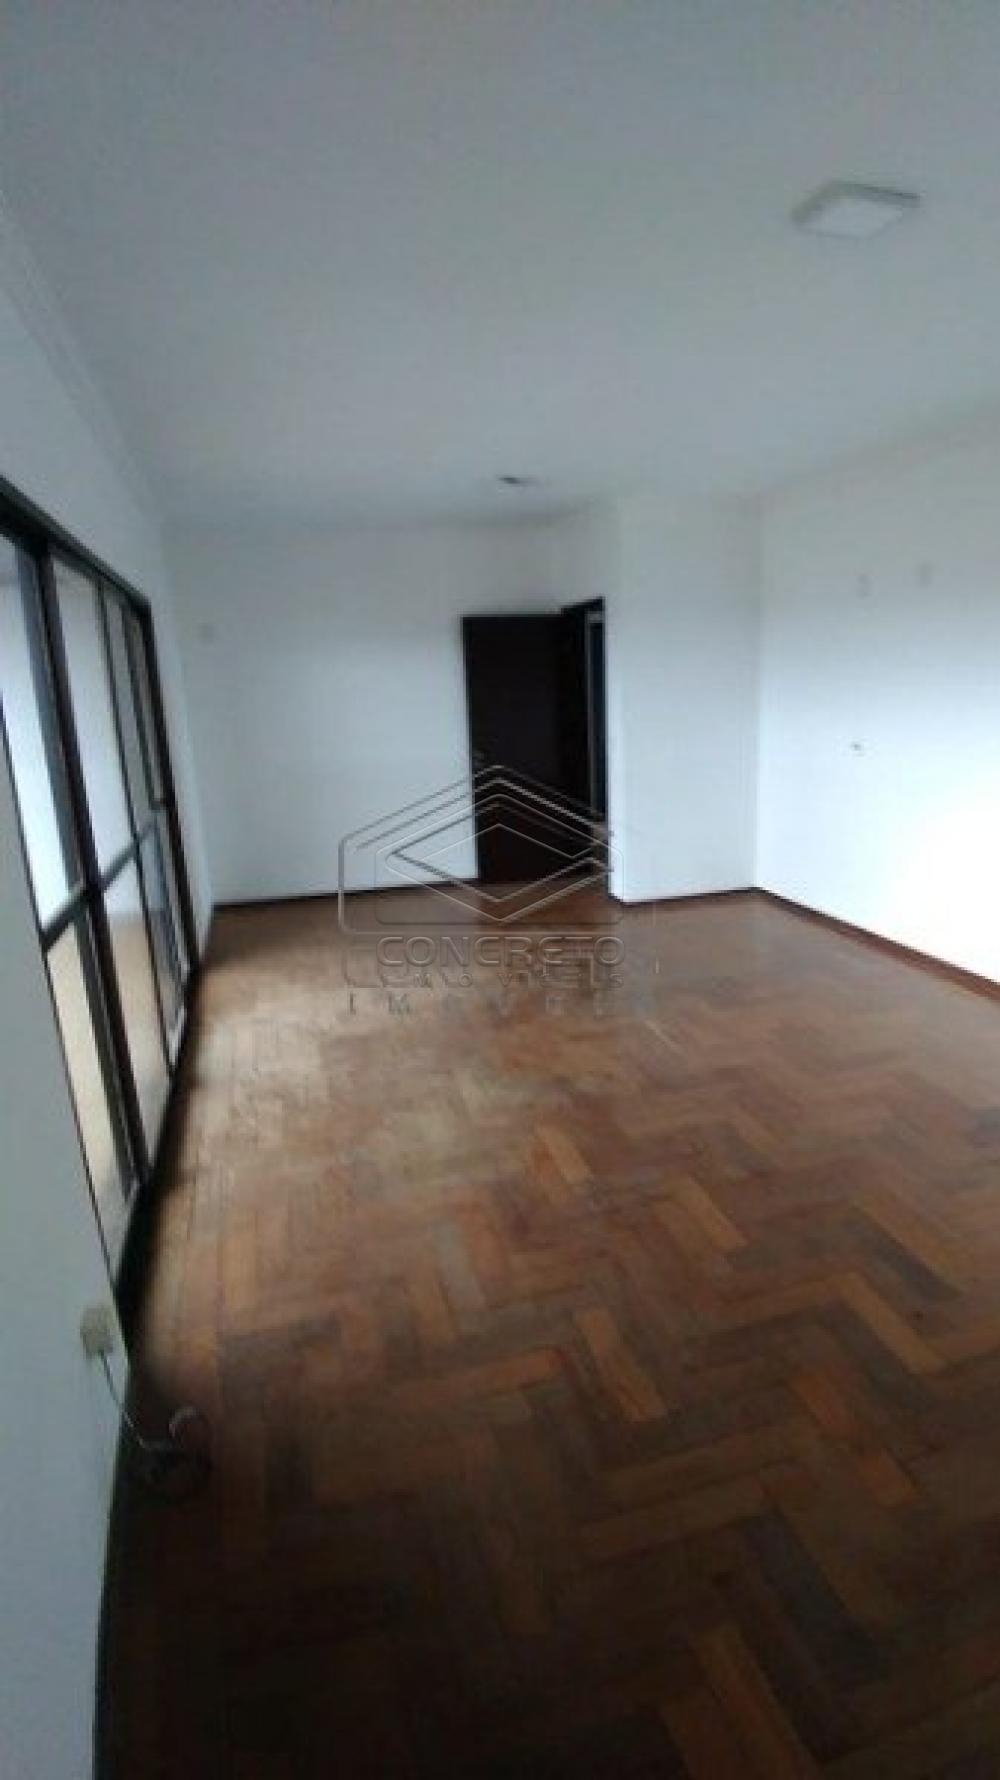 Comprar Apartamento / Padrão em Jau apenas R$ 380.000,00 - Foto 16